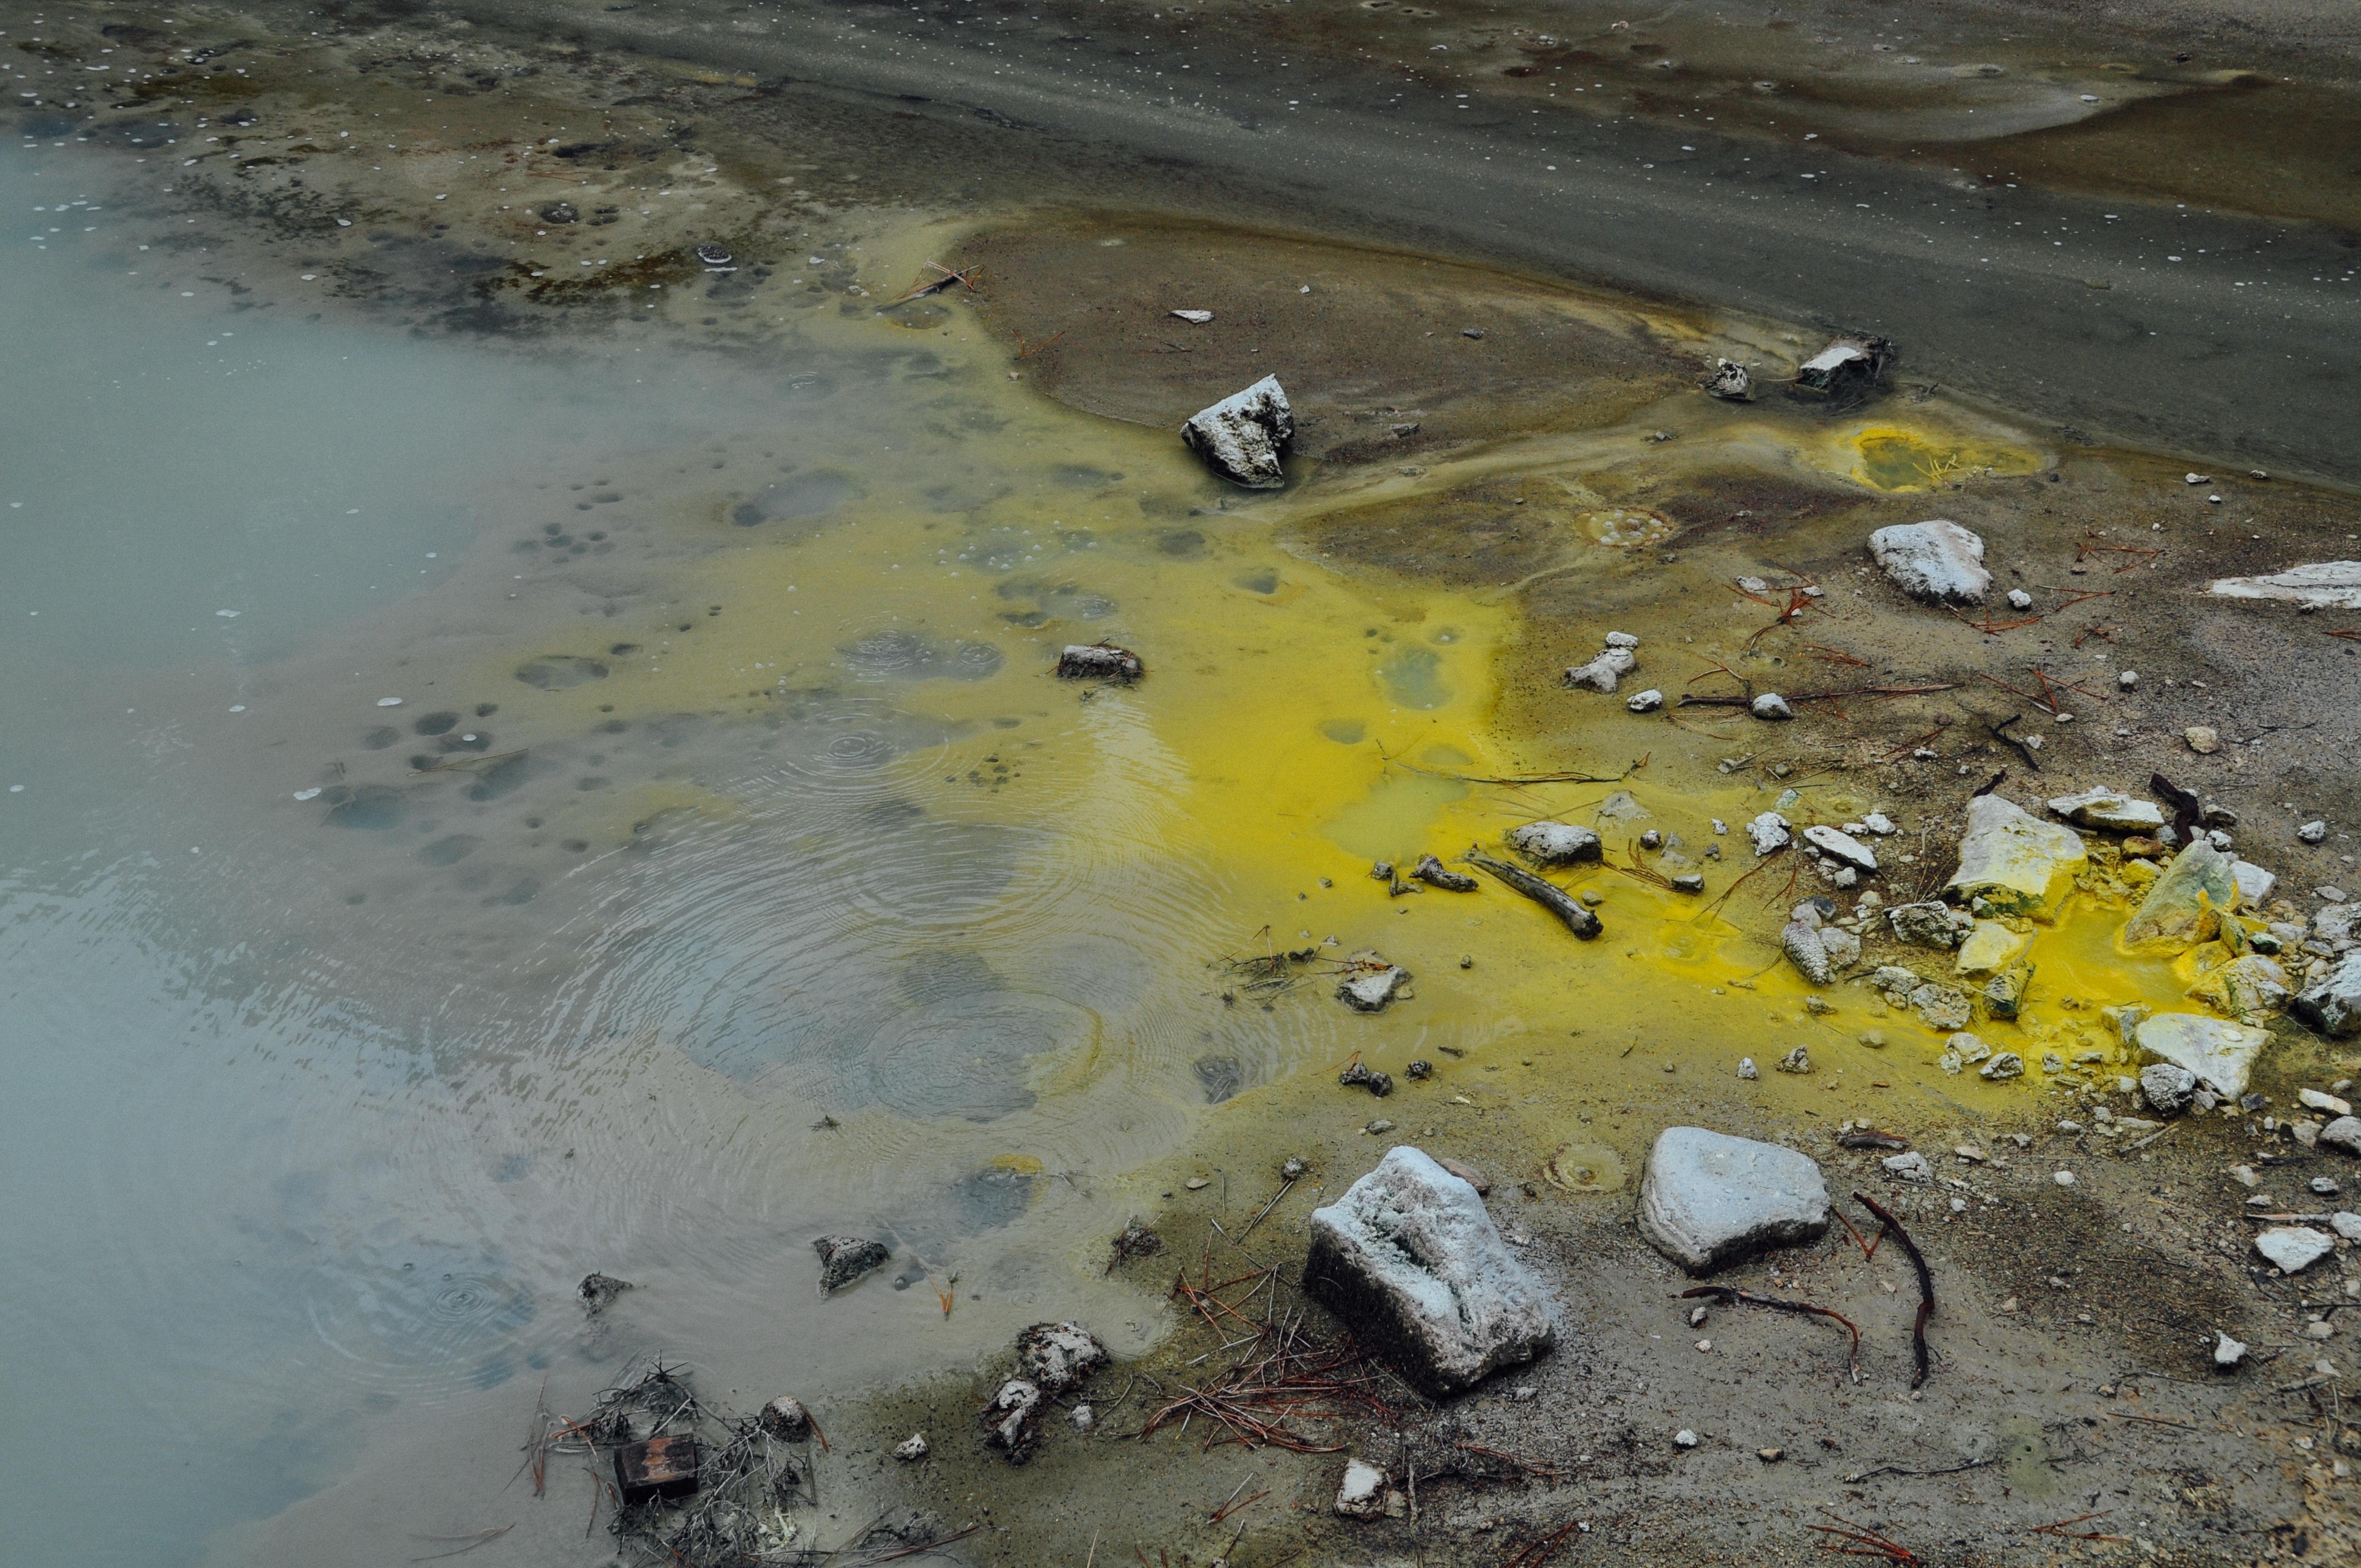 органическое загрязнение воды